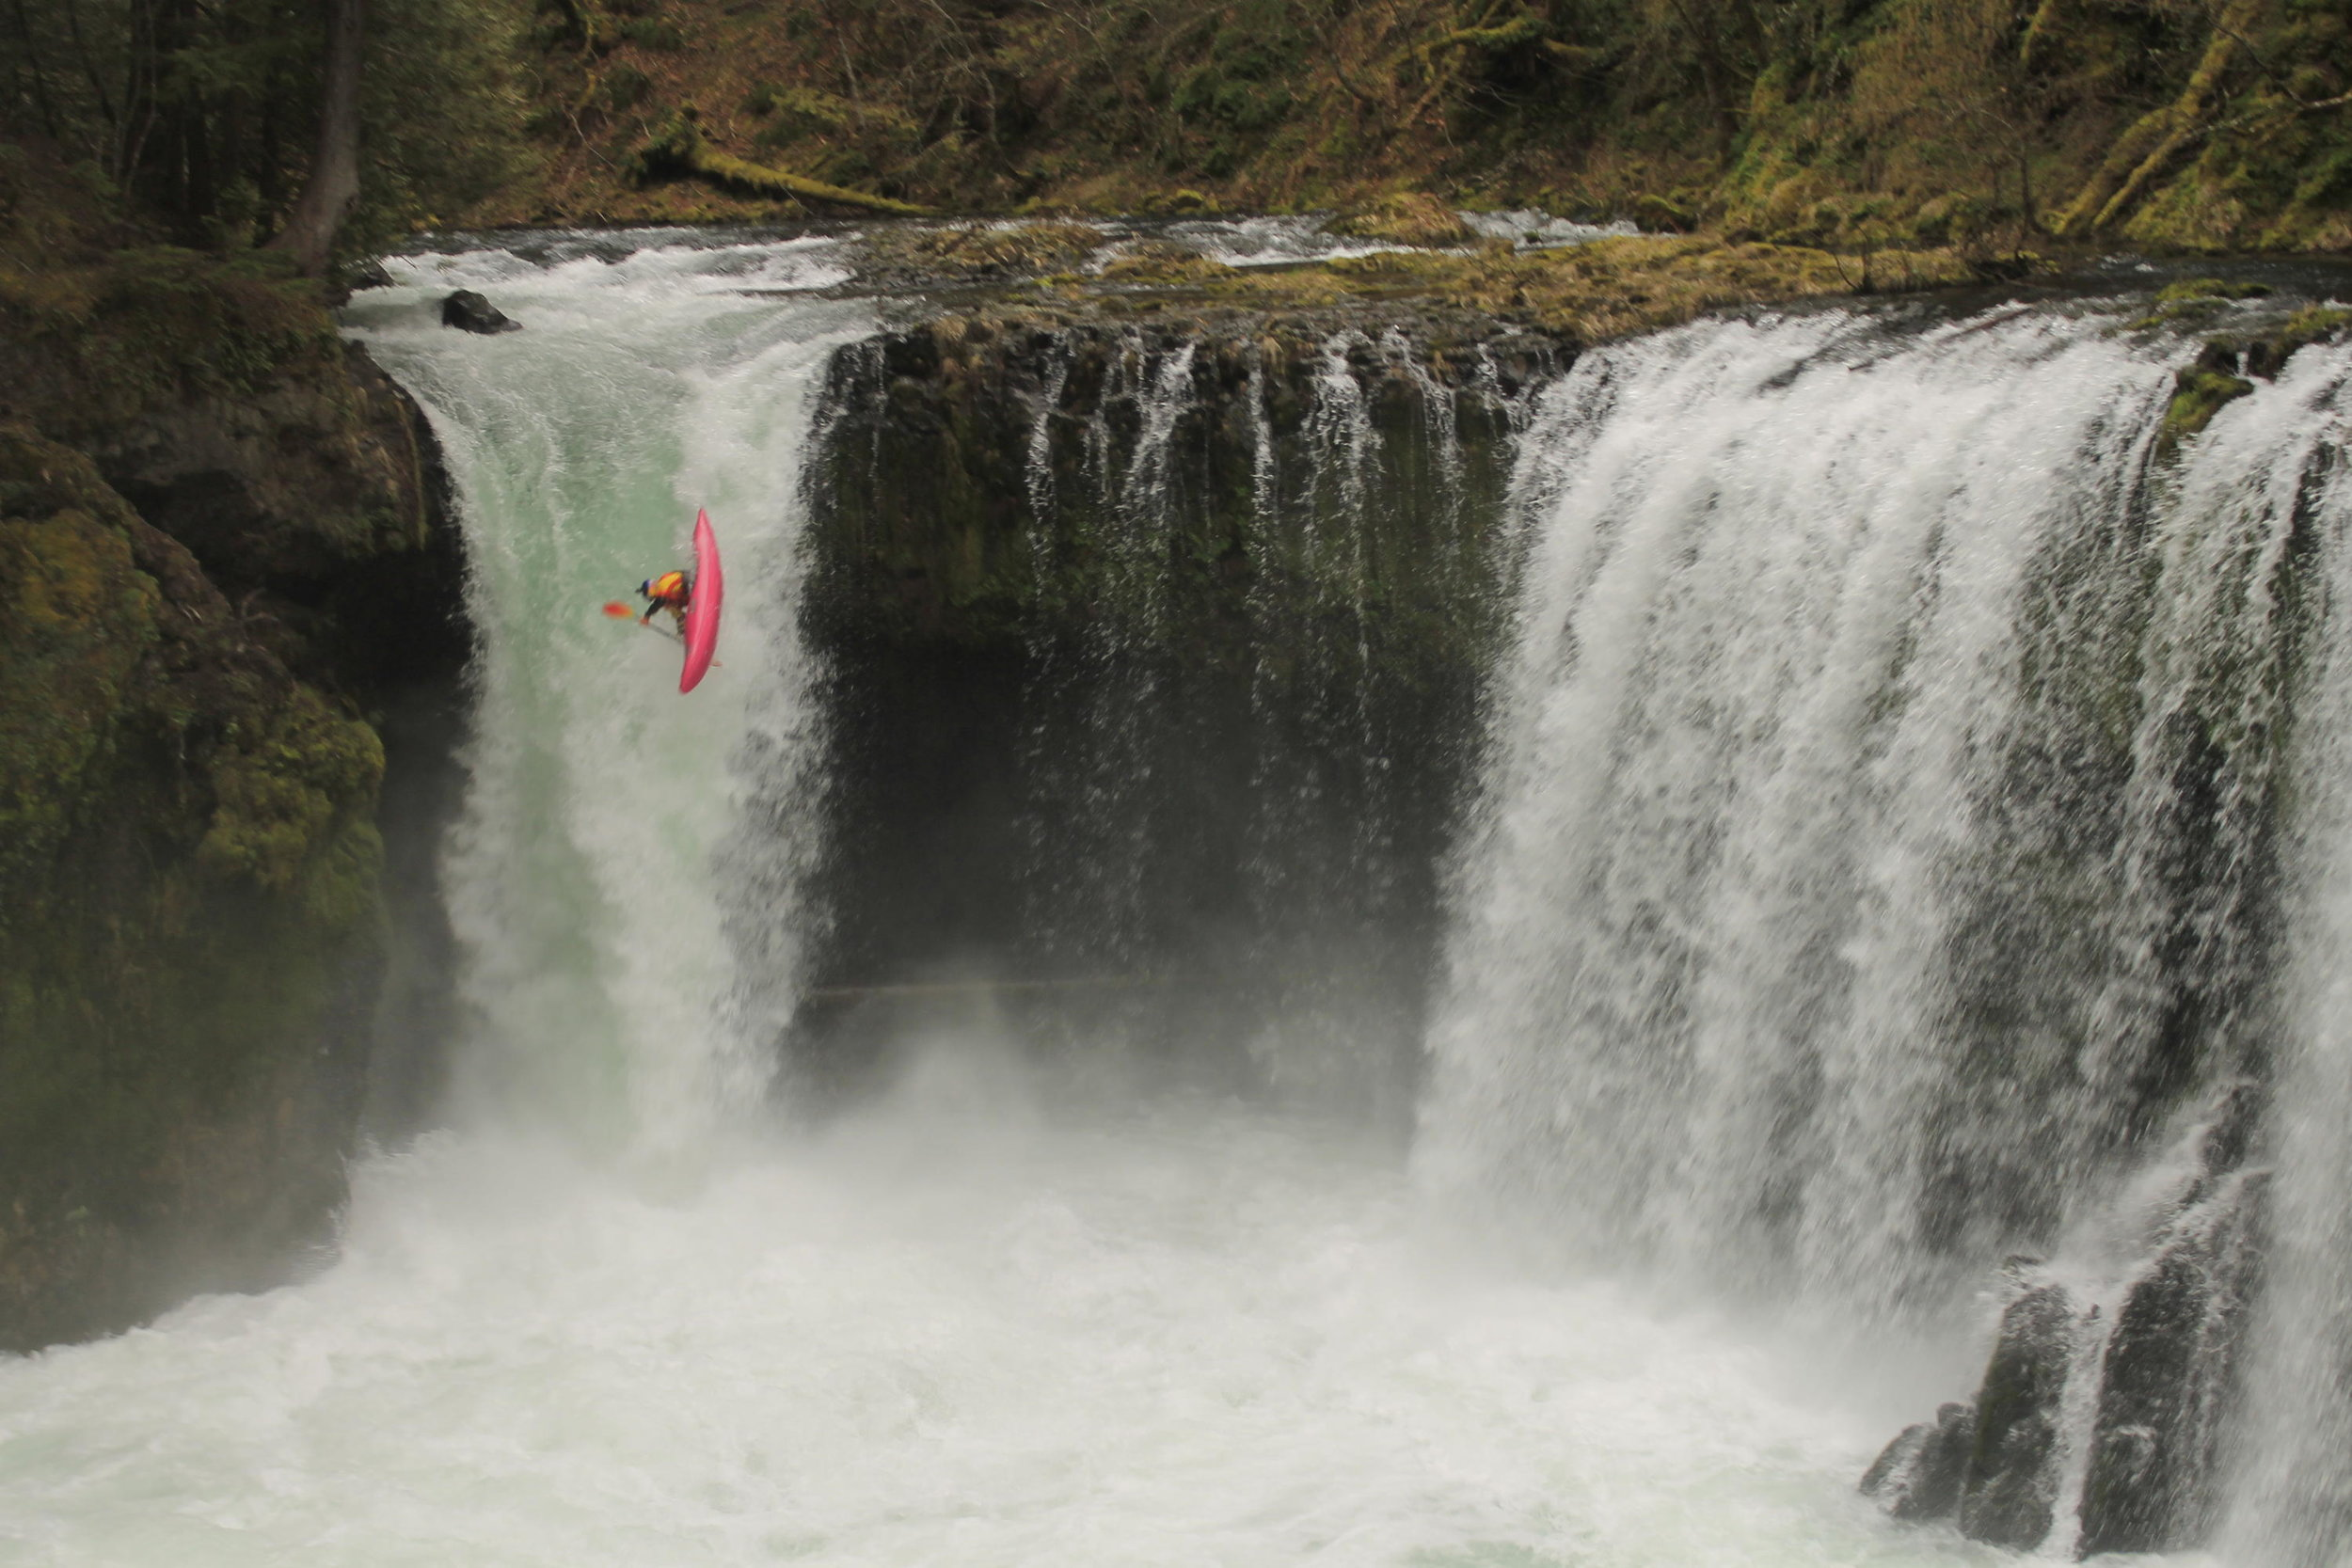 Kayaker running Spirit Falls